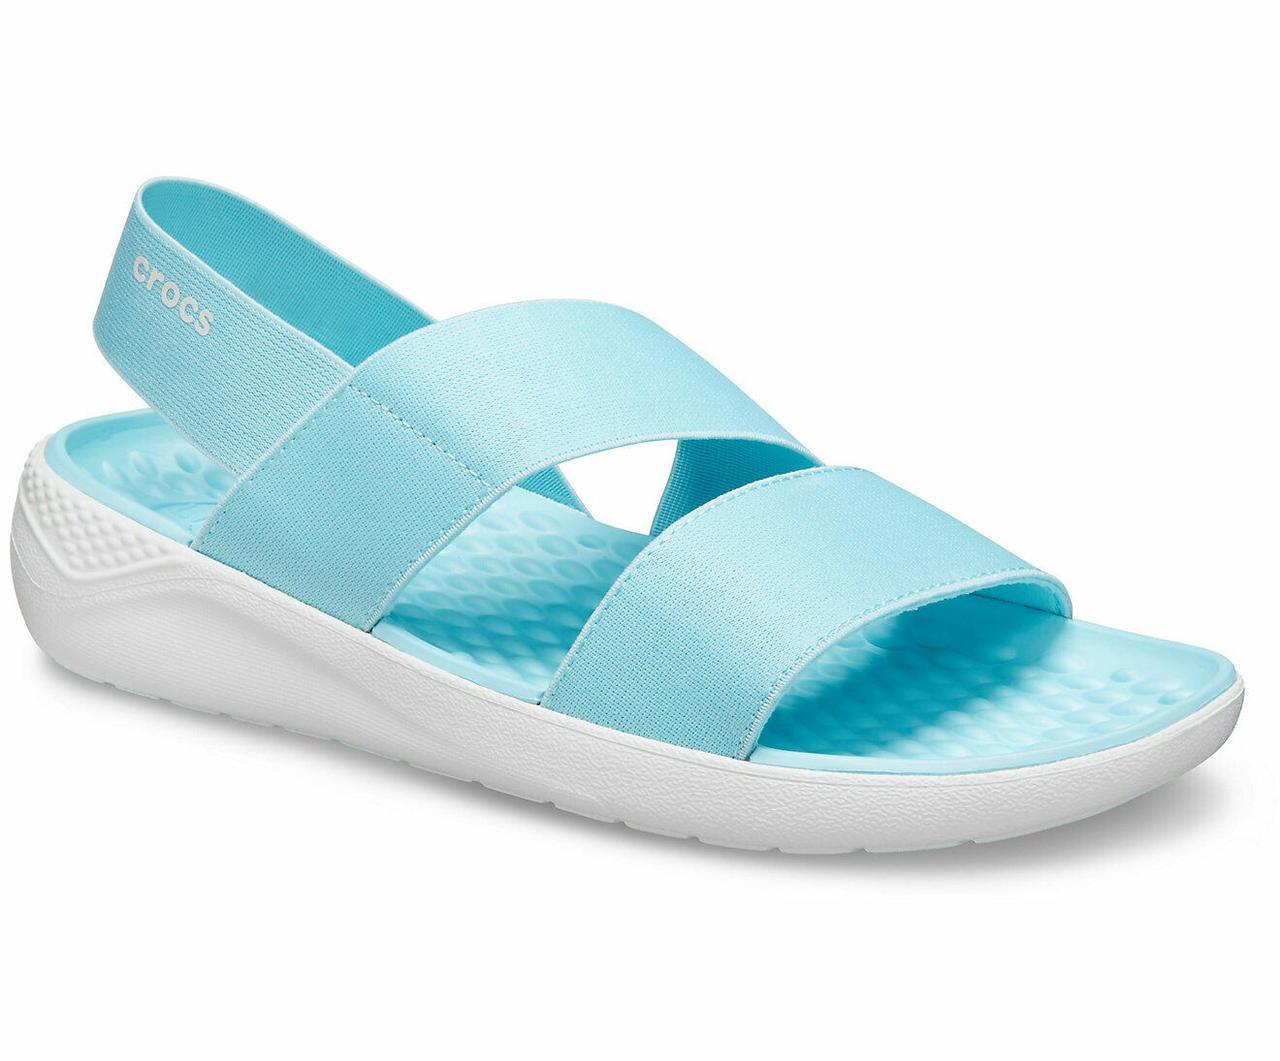 Босоніжки жіночі Крокси ЛайтРайд Стретч оригінал / Crocs women's LiteRide Stretch Sandal (206081), Блакитні